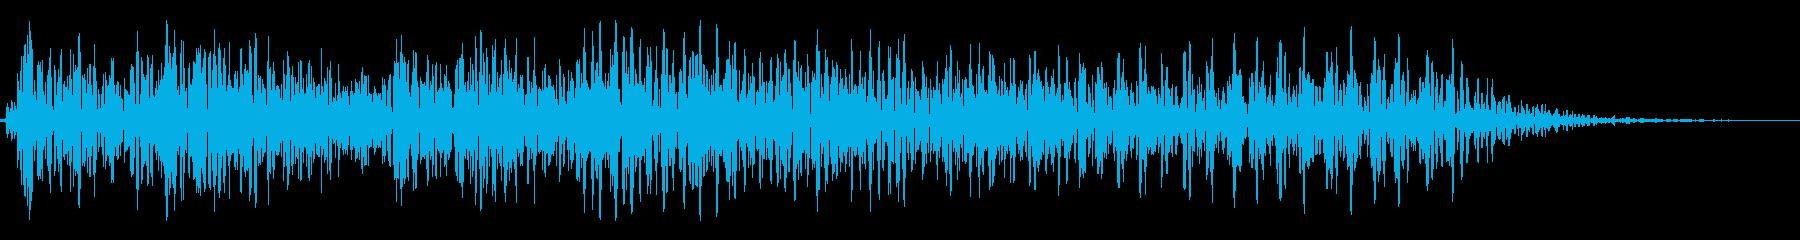 ブーン(ギターのスライド音)の再生済みの波形